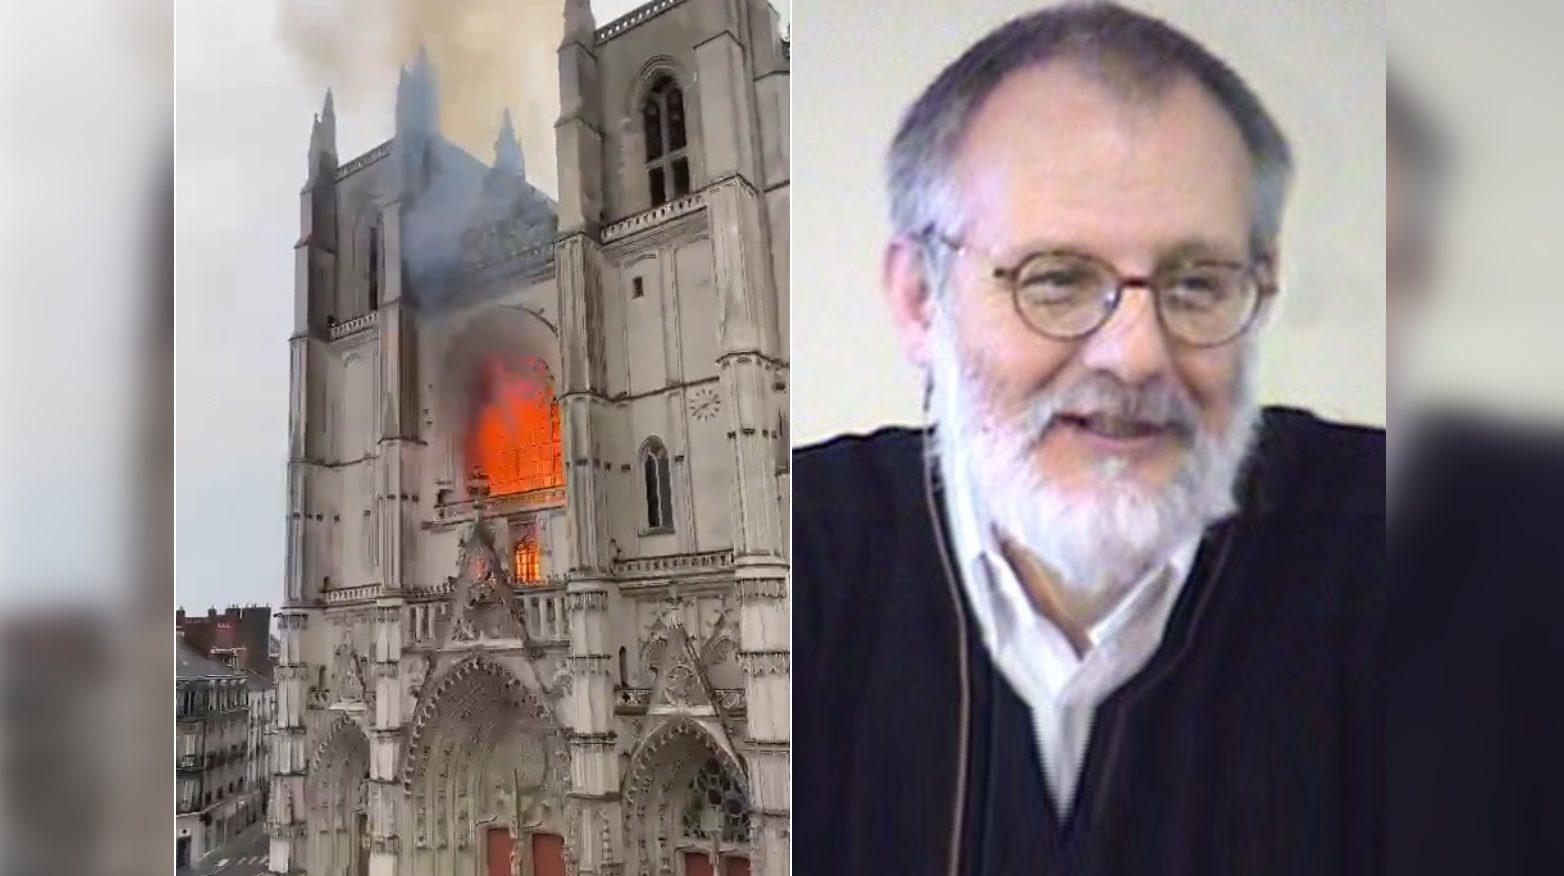 убитый связенник и сожженный собор в Нанте